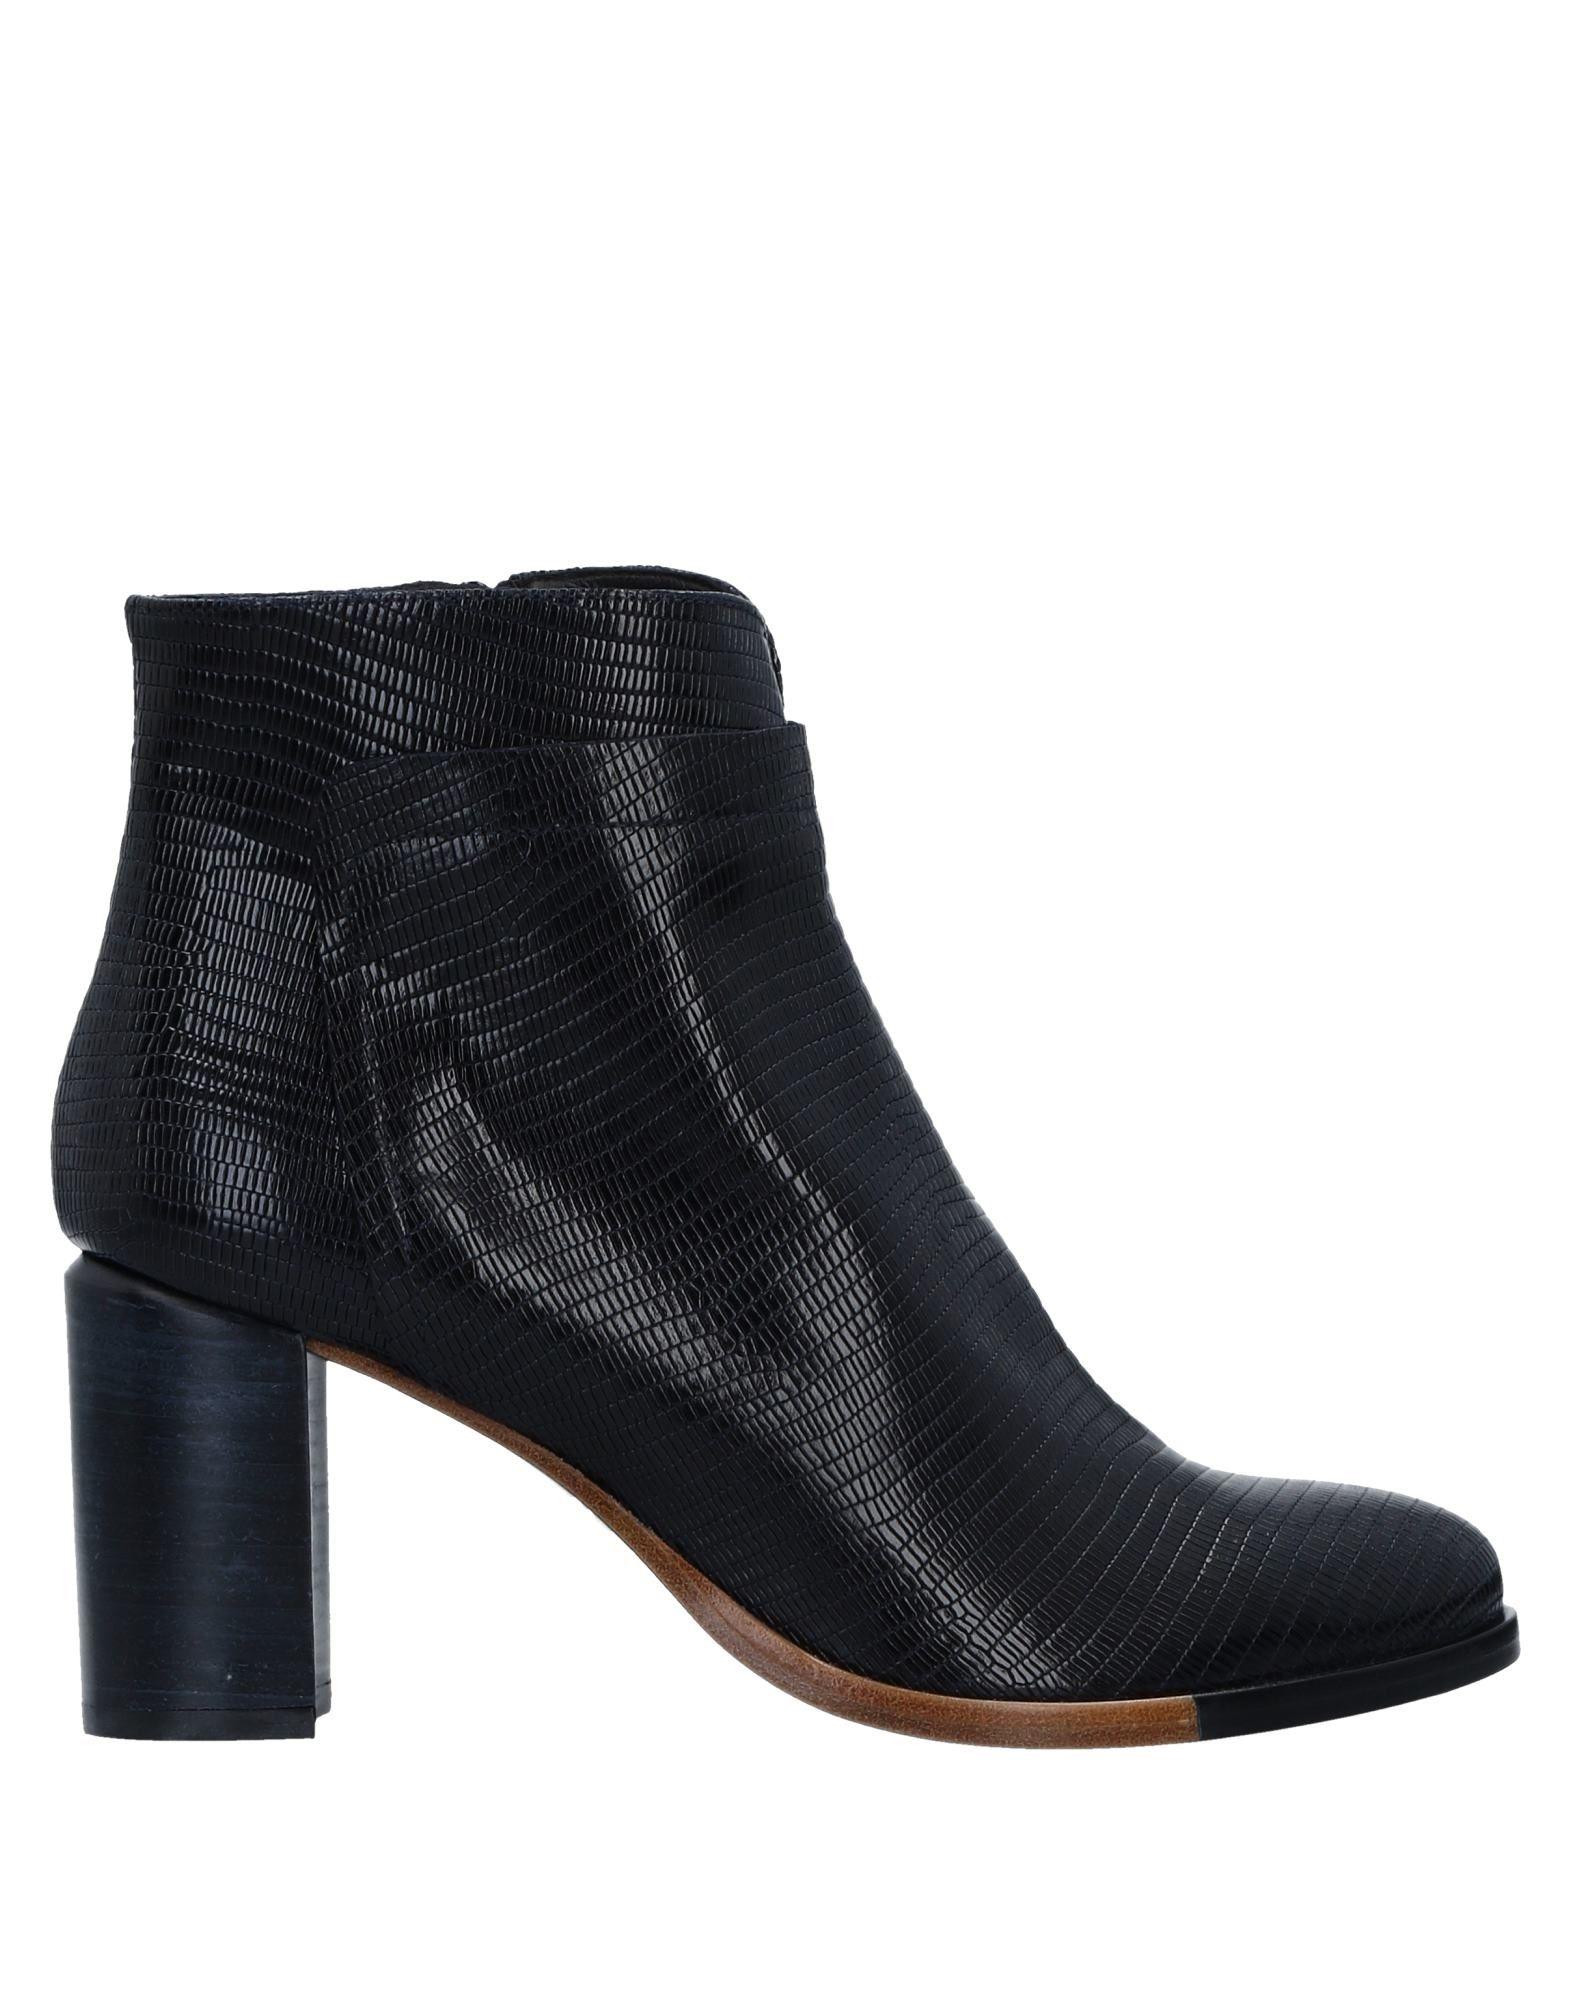 Zinda Stiefelette Damen  11542790PCGut aussehende strapazierfähige Schuhe